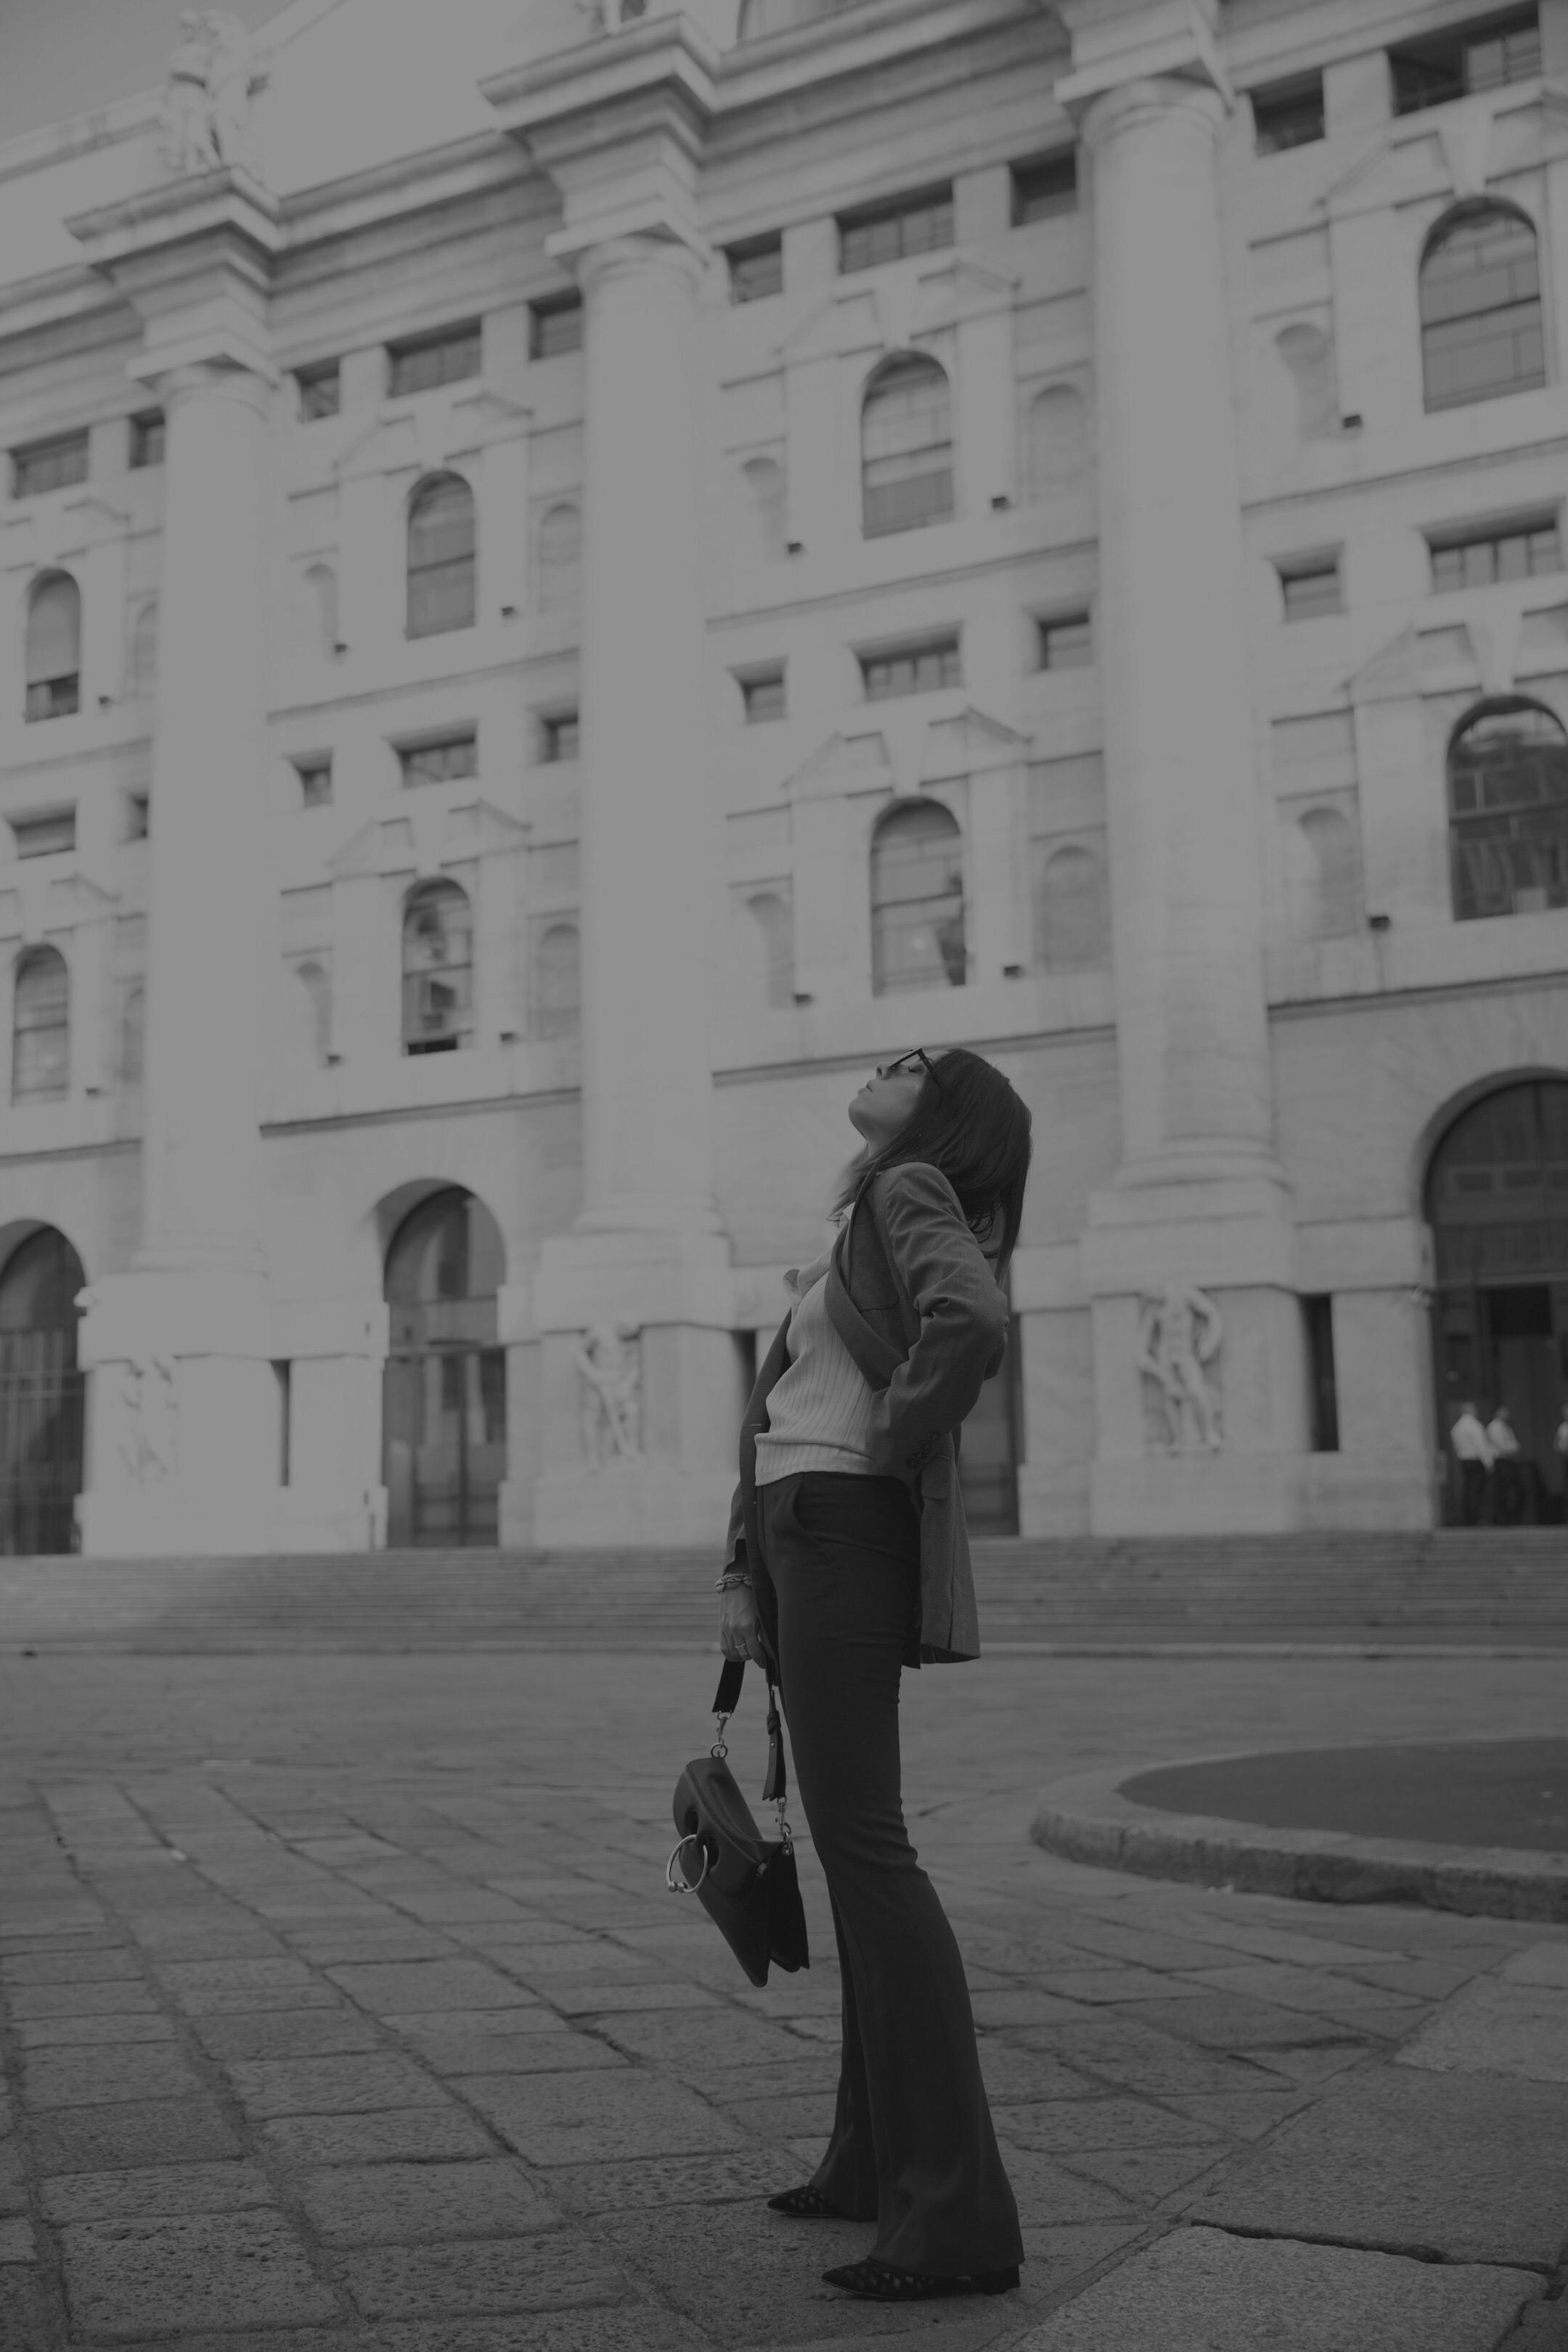 elisa bellino, come vestirsi autunno 2018, fashion blogger italia 2019, jil sander blazer, streetstyle milano settembre 2018, jw anderson bag pierce, fashion influencer milano 2019